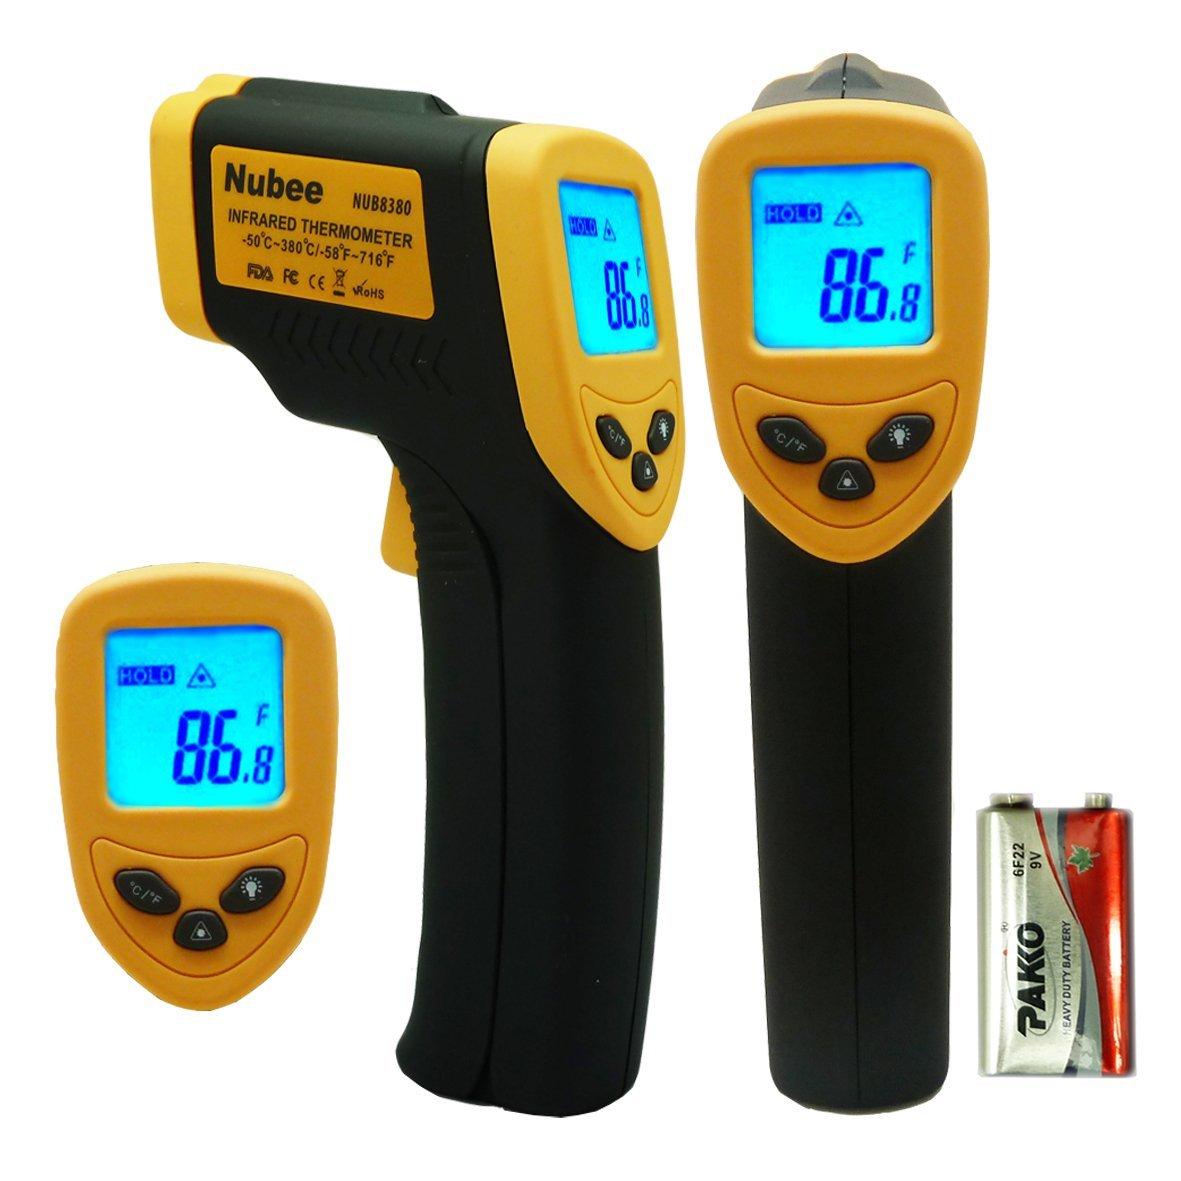 Nubee Non-Contact Infrared Thermometer Digital Temperature Gun w/ Laser Sight (NUB-8380) - $11.98 AC + S&H @ Amazon.com